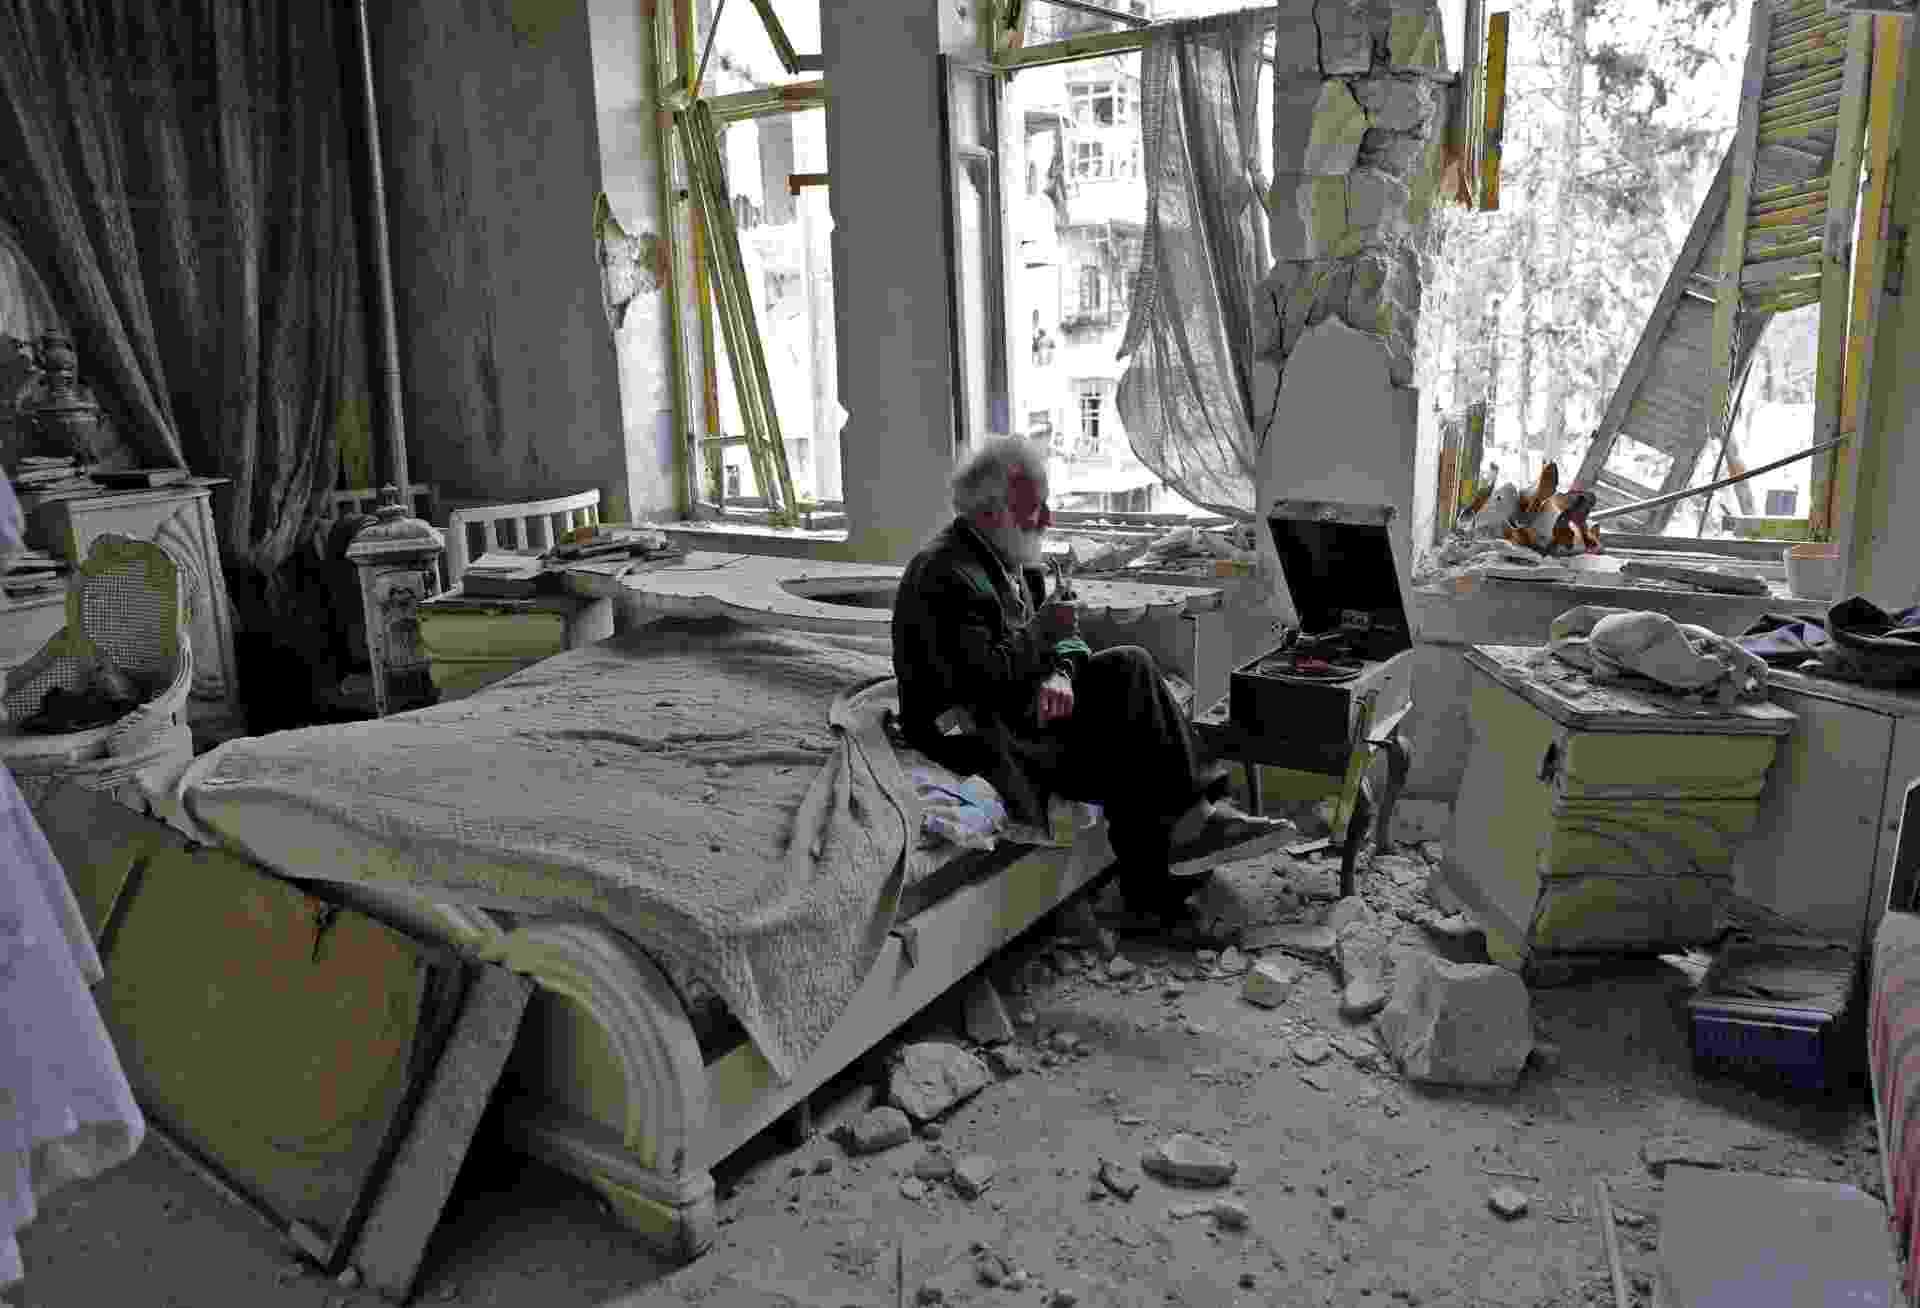 """Mohammad Mohiedine Anis, 70, fuma o seu cachimbo e ouve música em sua vitrola em seu quarto em Aleppo, na Síria. Conhecido na região pelo seu apelido, Abu Omar, o sírio é dono de uma coleção de carros antigos. O autor da imagem, Joseph Eid, conta que a foto foi tirada durante um tour pela casa em que Abu Omar ainda vive. """"Ele nos disse que ainda usava muito a vitrola, já que ela é mecânica e não depende de eletricidade para operar"""". O sírio colocou uma de suas músicas favoritas para tocar, Hekaya (História, em árabe), do cantor sírio Mohammad Dia al Din. - JOSEPH EID/AFP"""